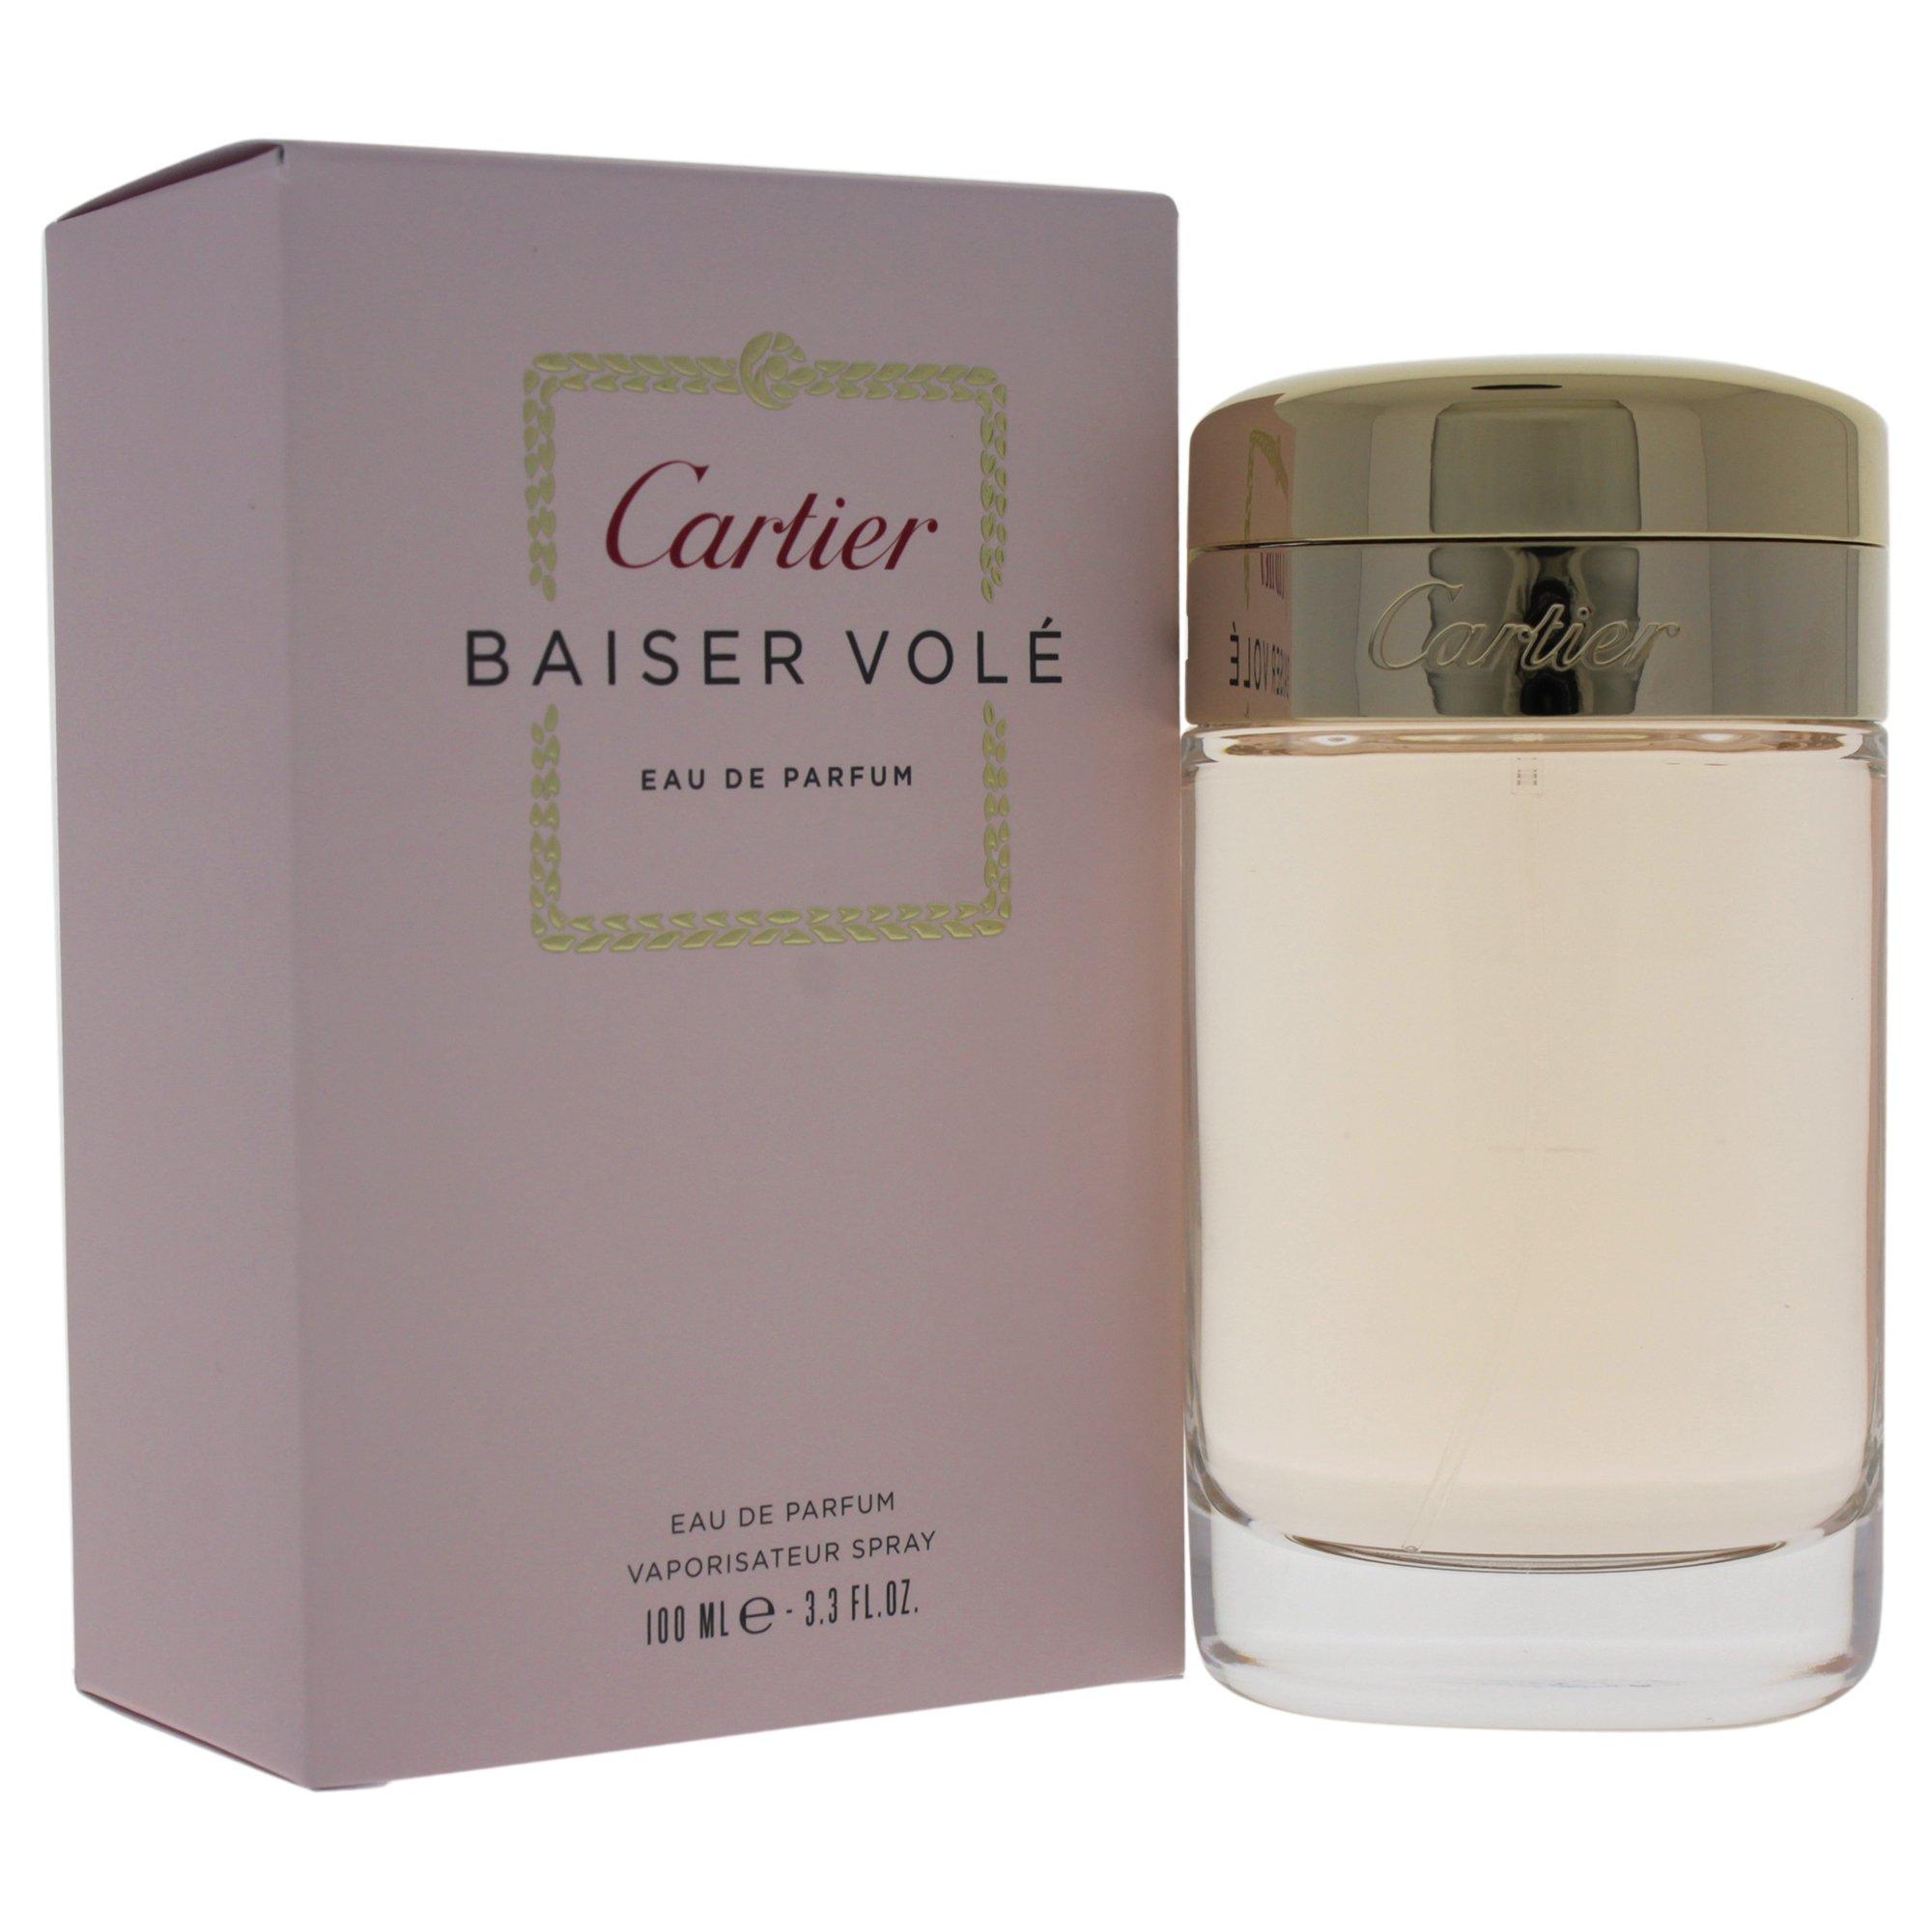 Cartier Baiser Vole Eau De Perfume Spray for Women, 3.3 Ounce